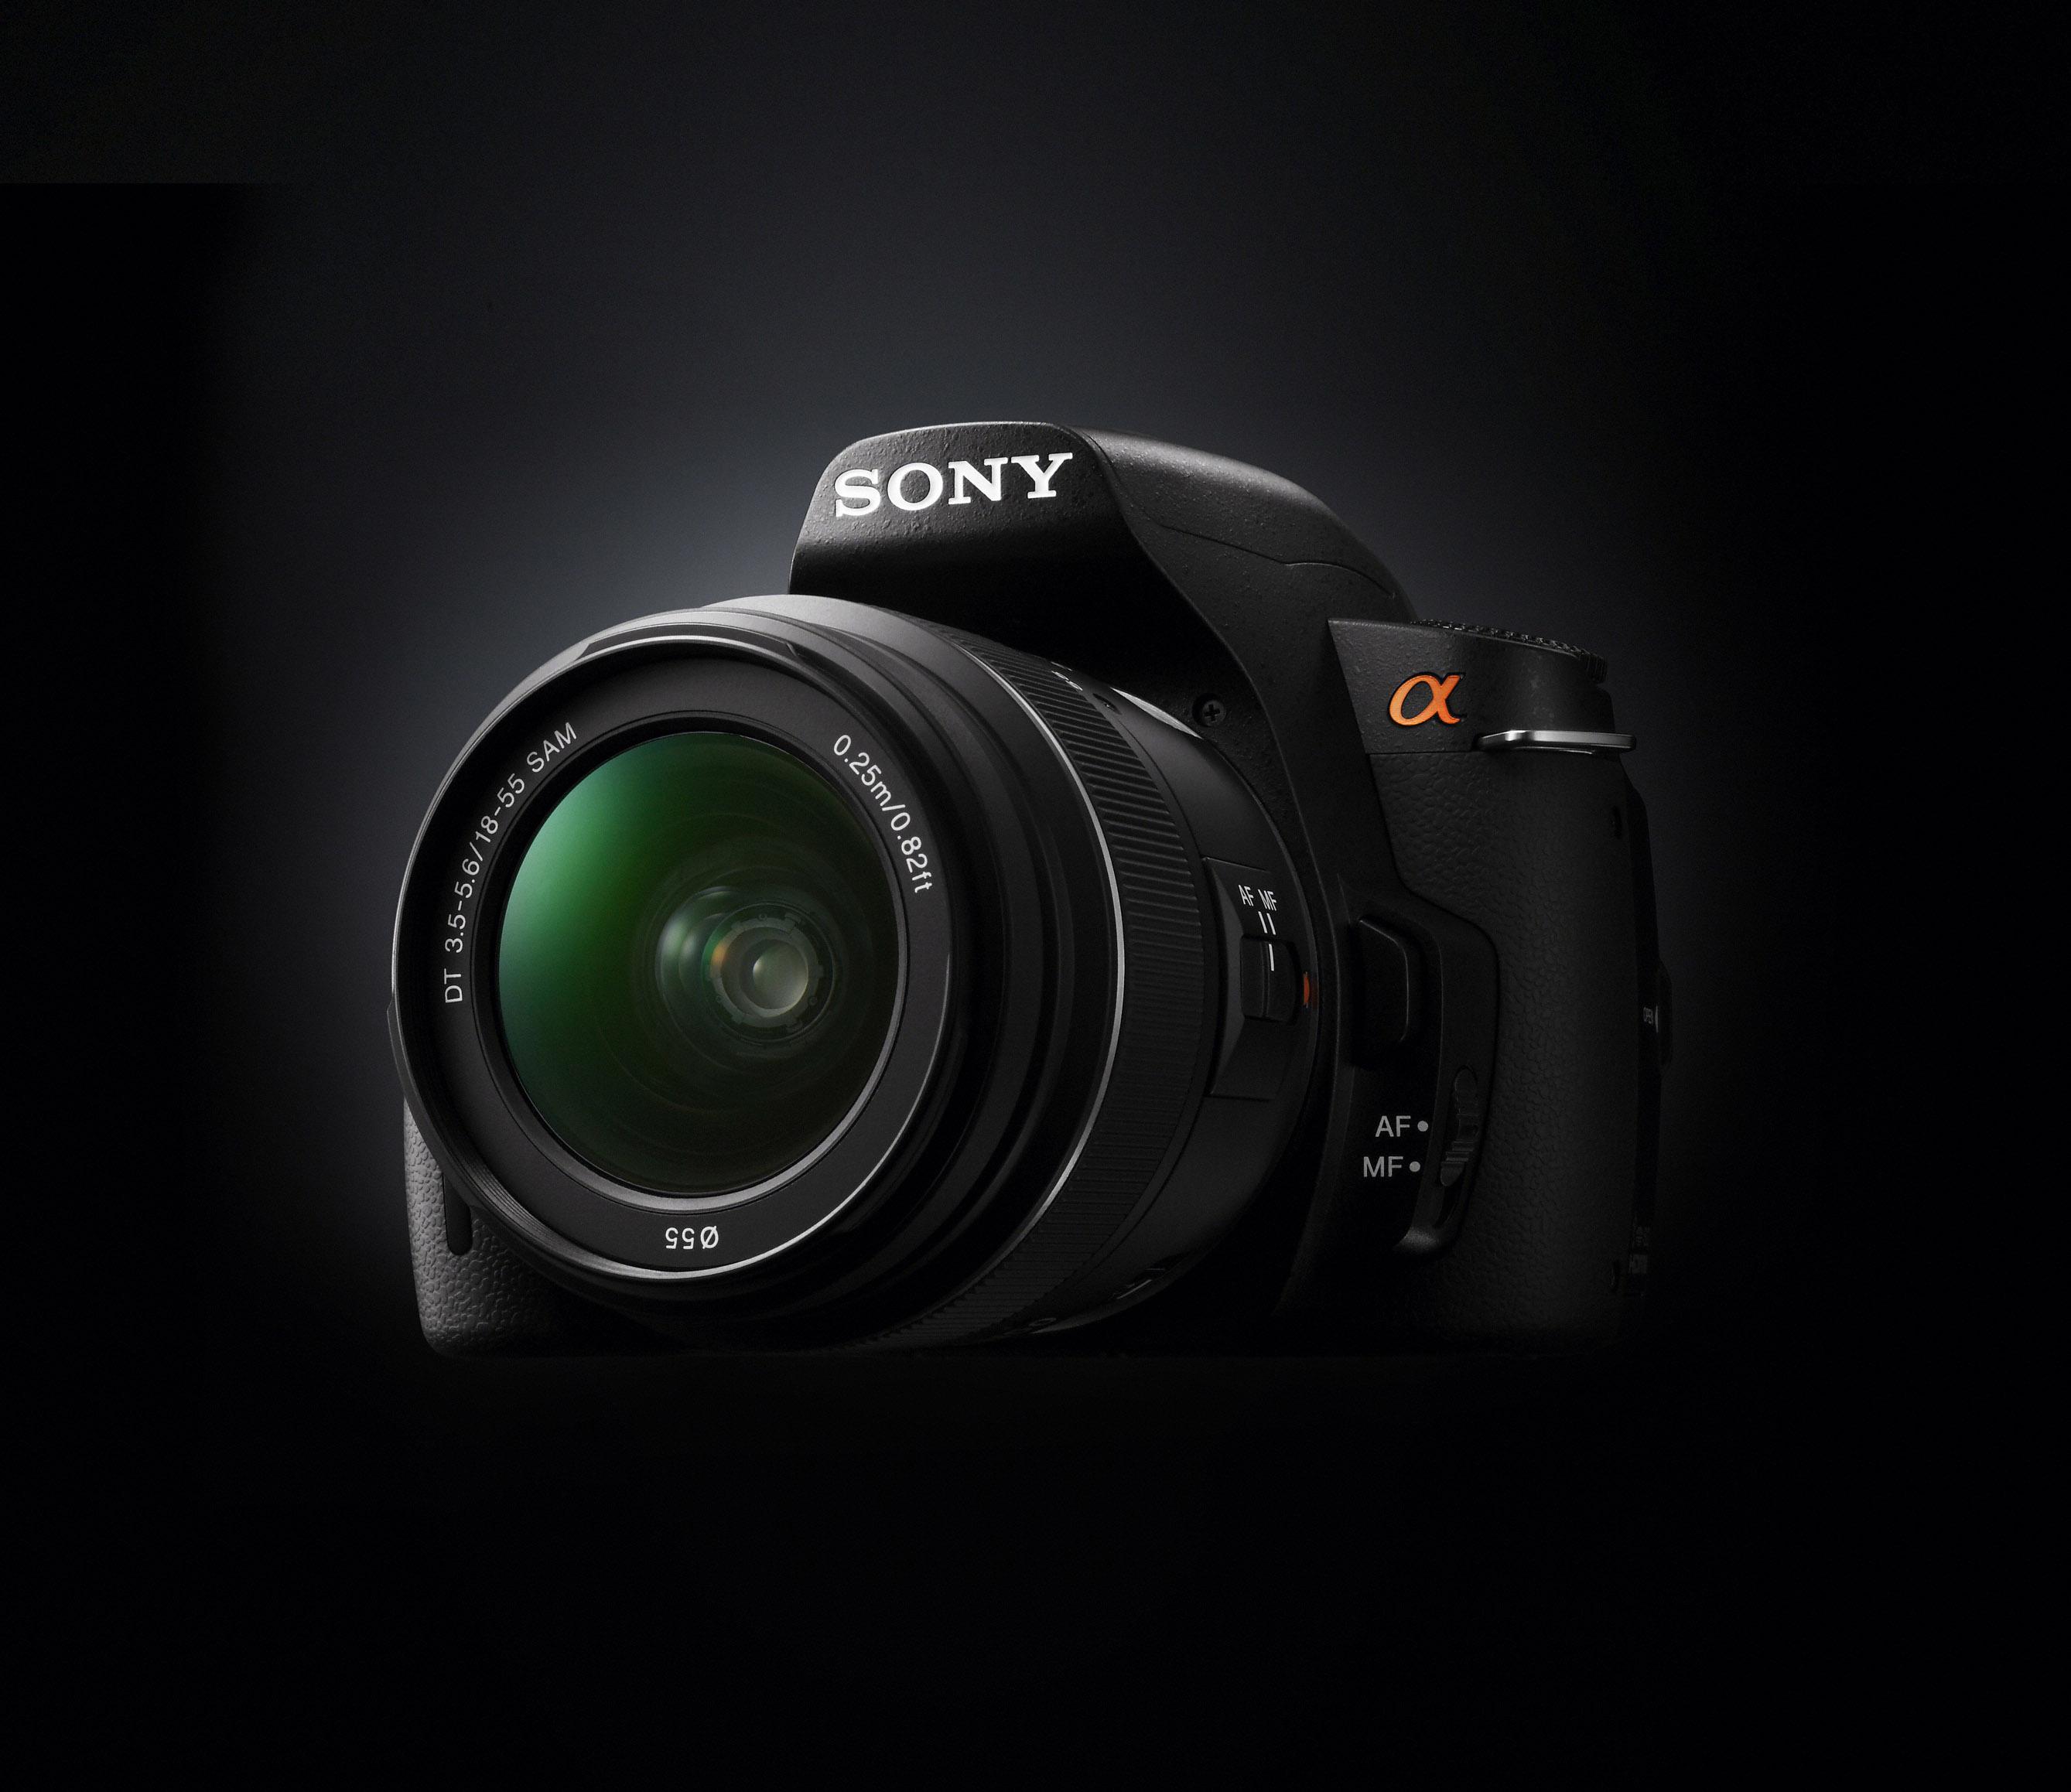 sony alpha a290 and a390 14 2 megapixels digital slr cameras offical. Black Bedroom Furniture Sets. Home Design Ideas